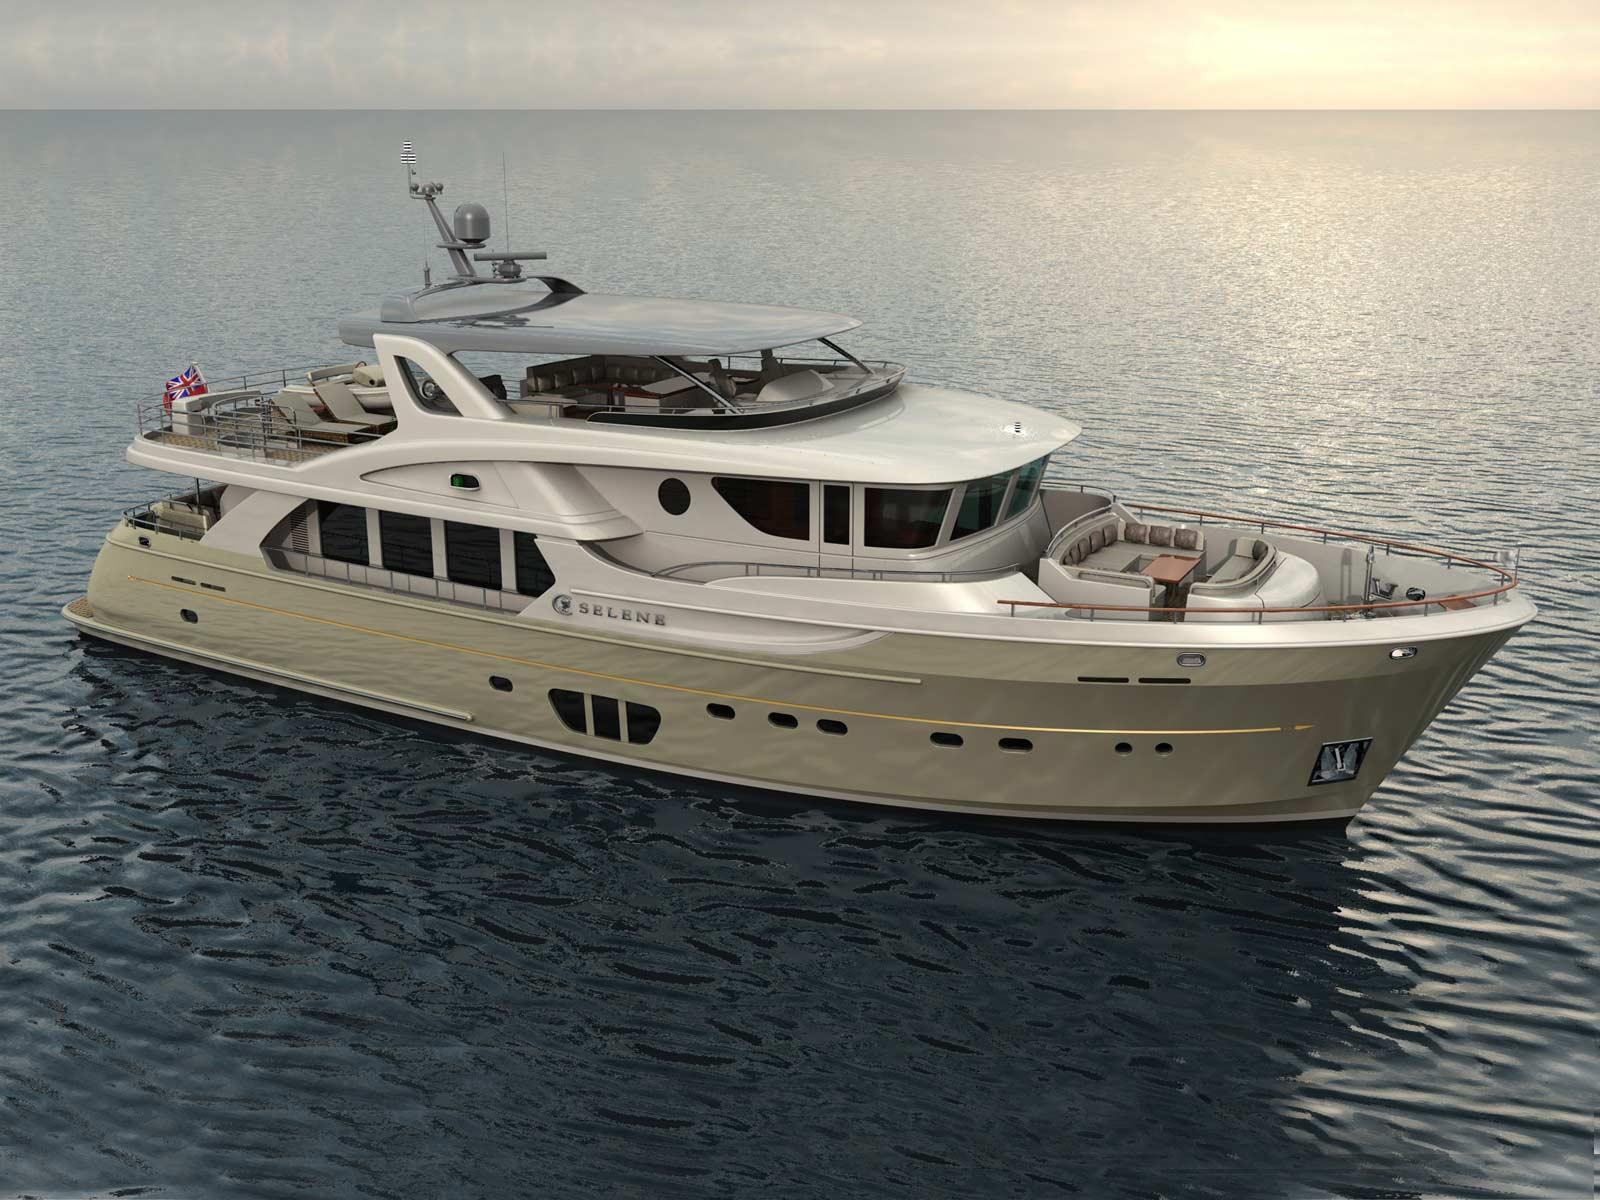 Ocean explorer series motor yacht selene 92 by selene for Ocean explorer fishing